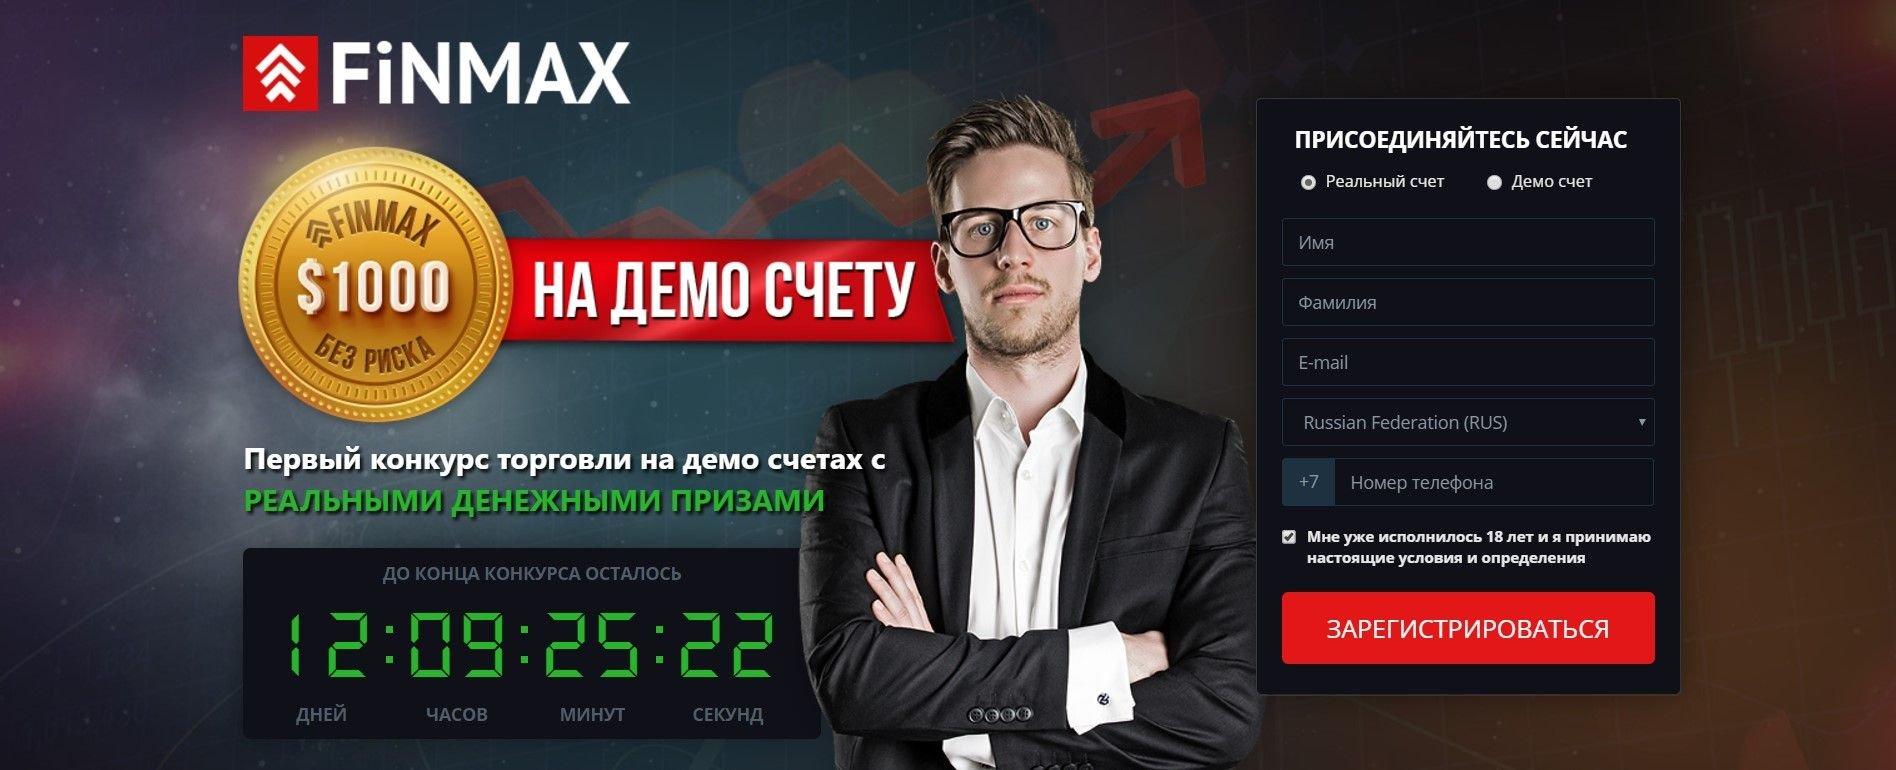 Турнир FinMax на демо-счете